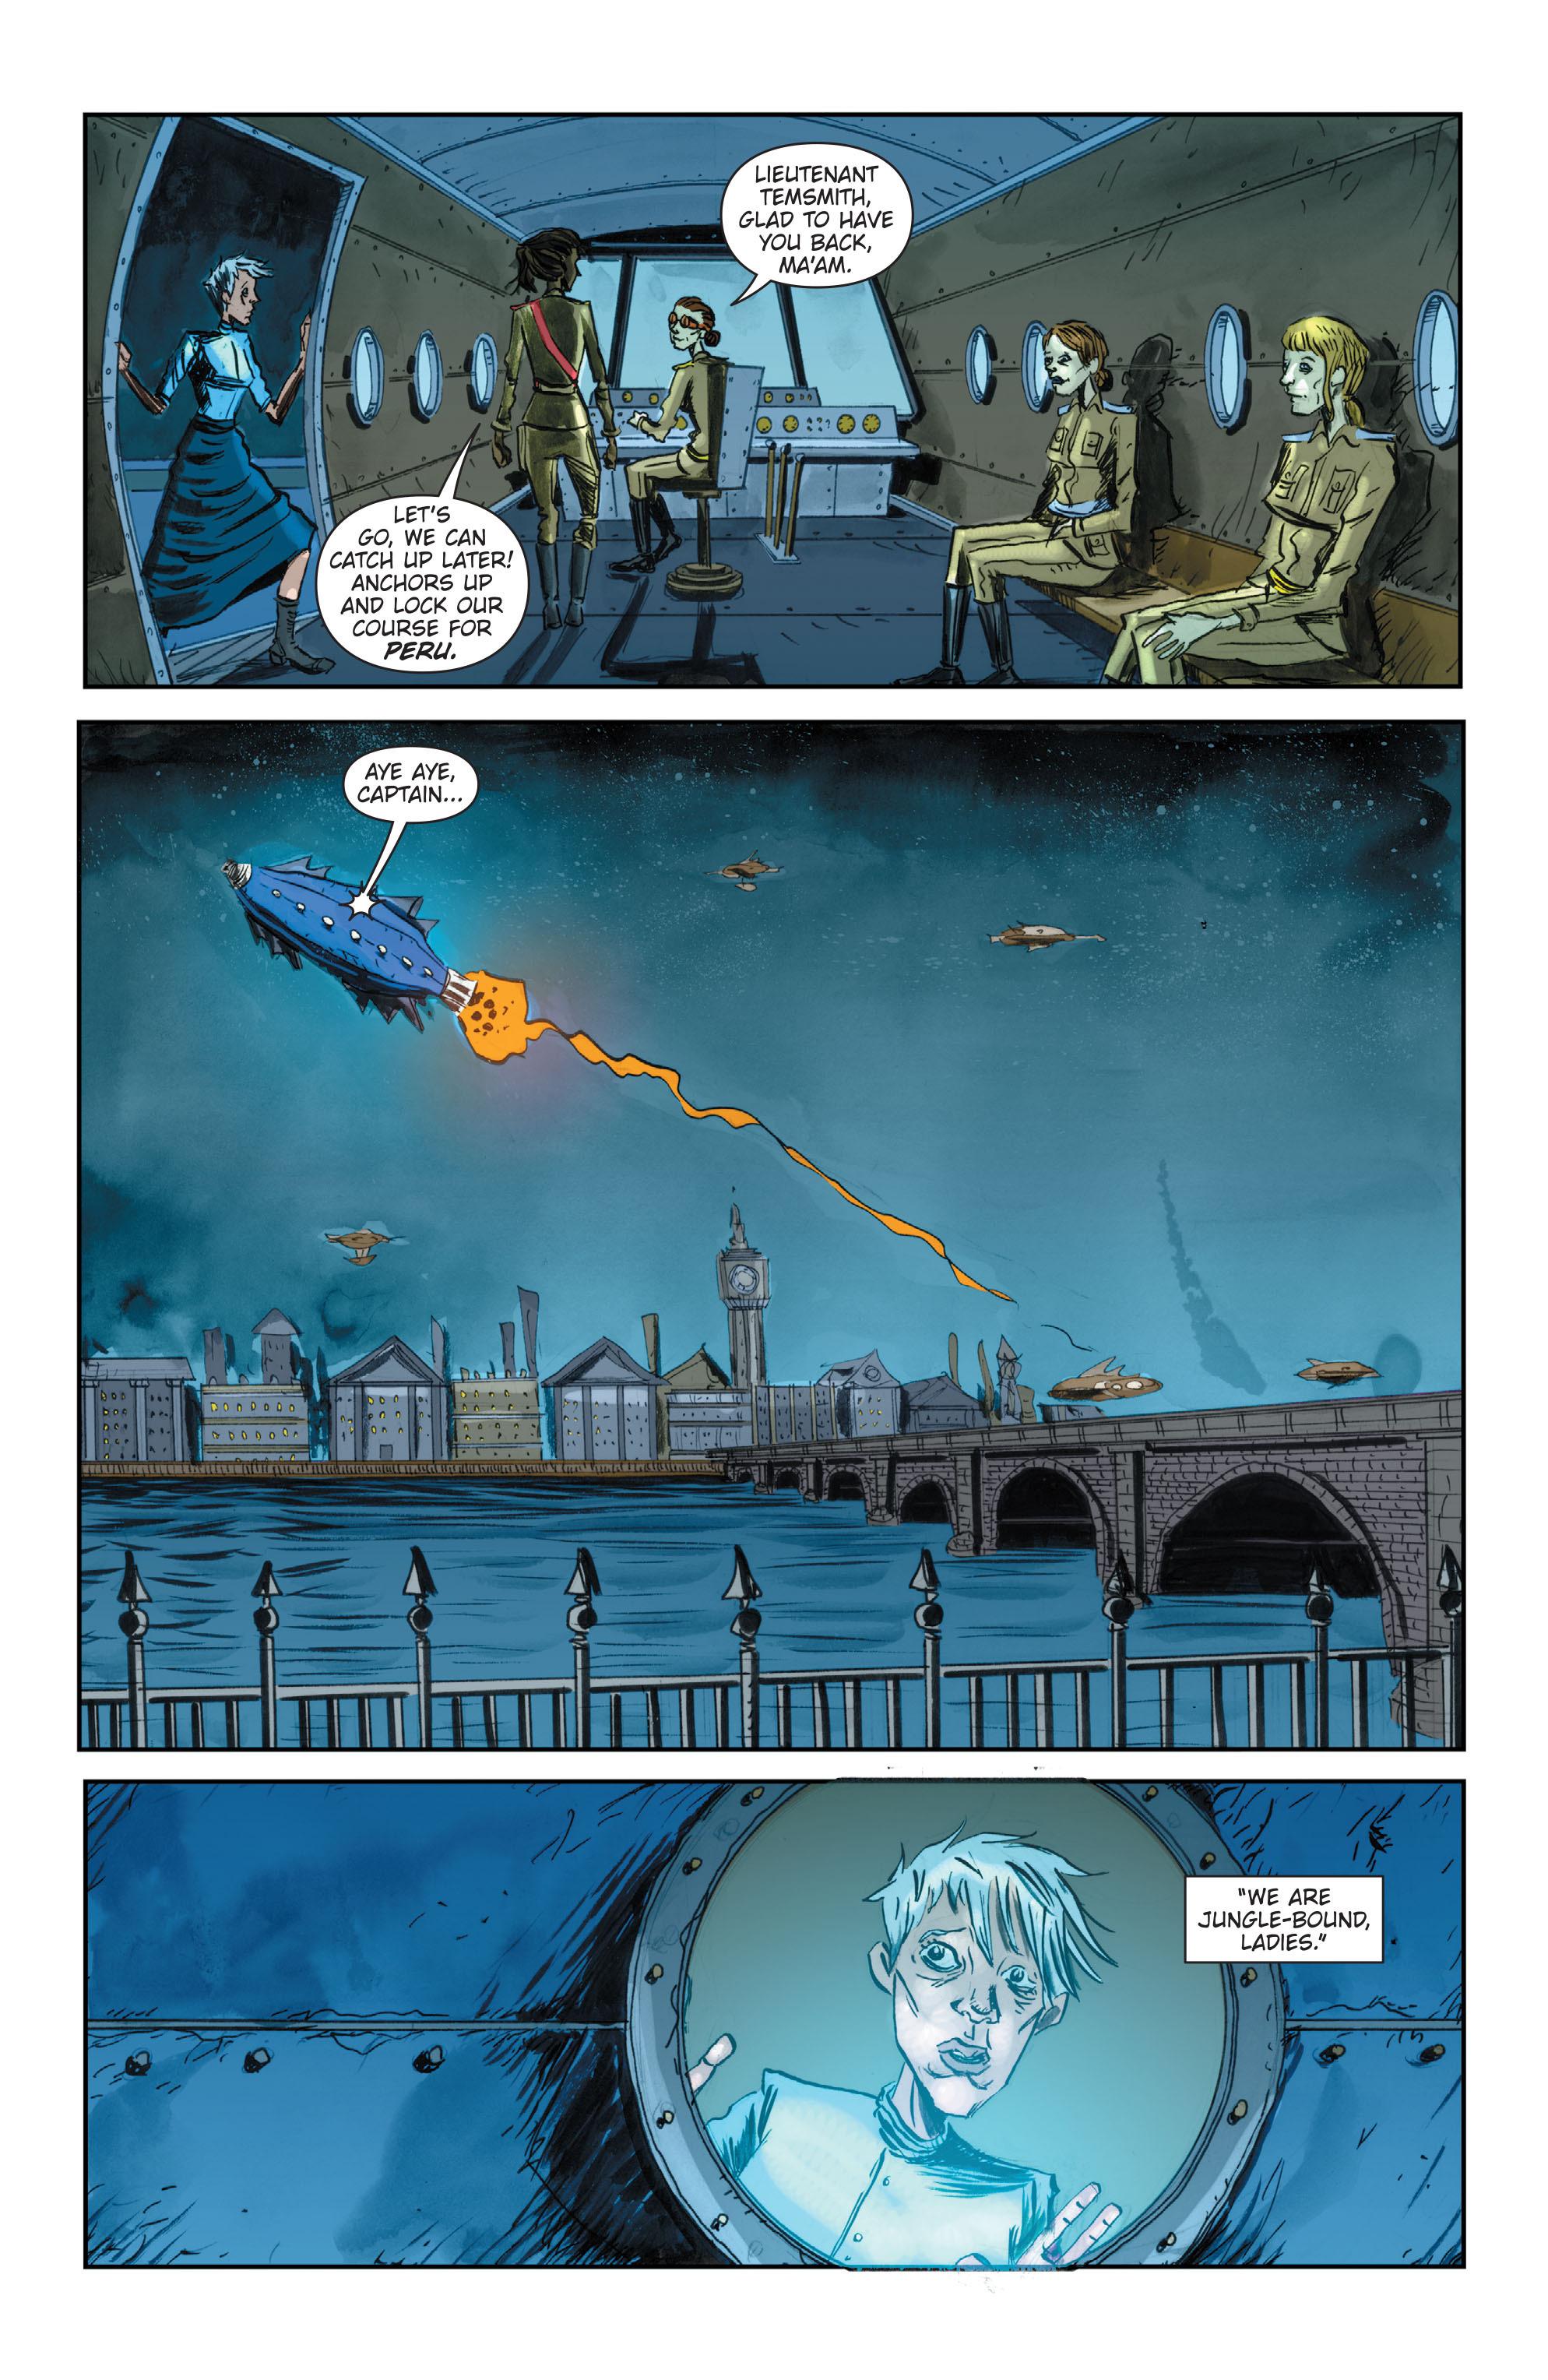 Read online Trillium comic -  Issue # TPB - 152